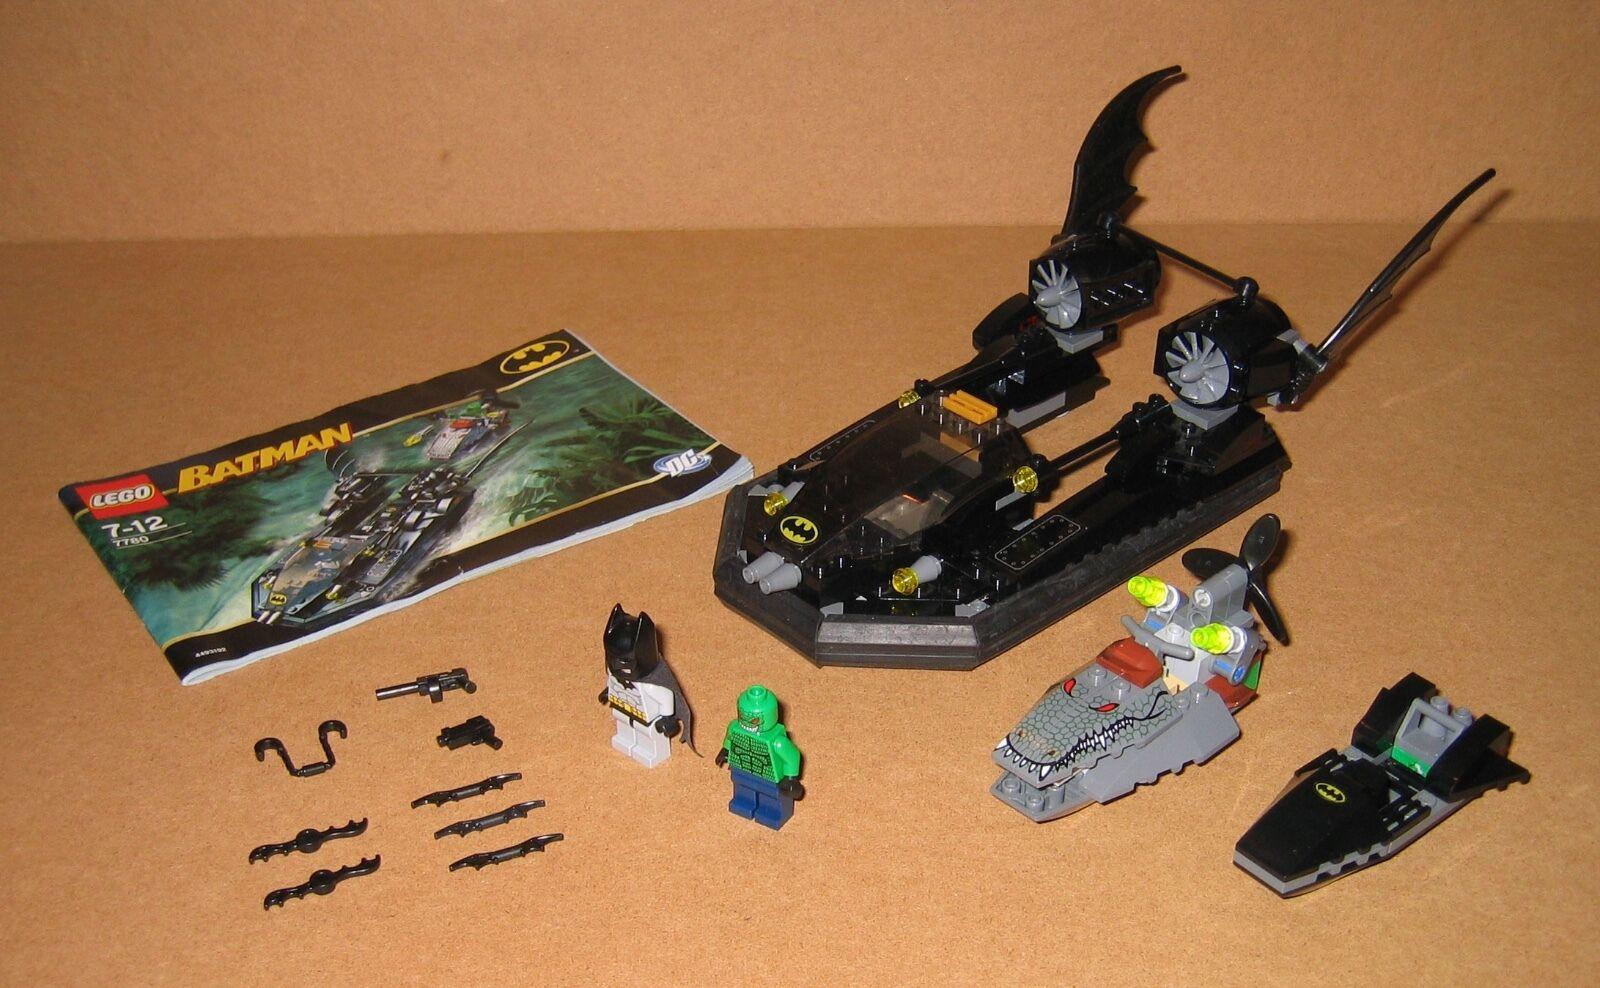 7780 LEGO  Batuomo Batboat Hunt Killer Croc 100% completare Instruction EX COND 2006  Ritorno di 10 giorni